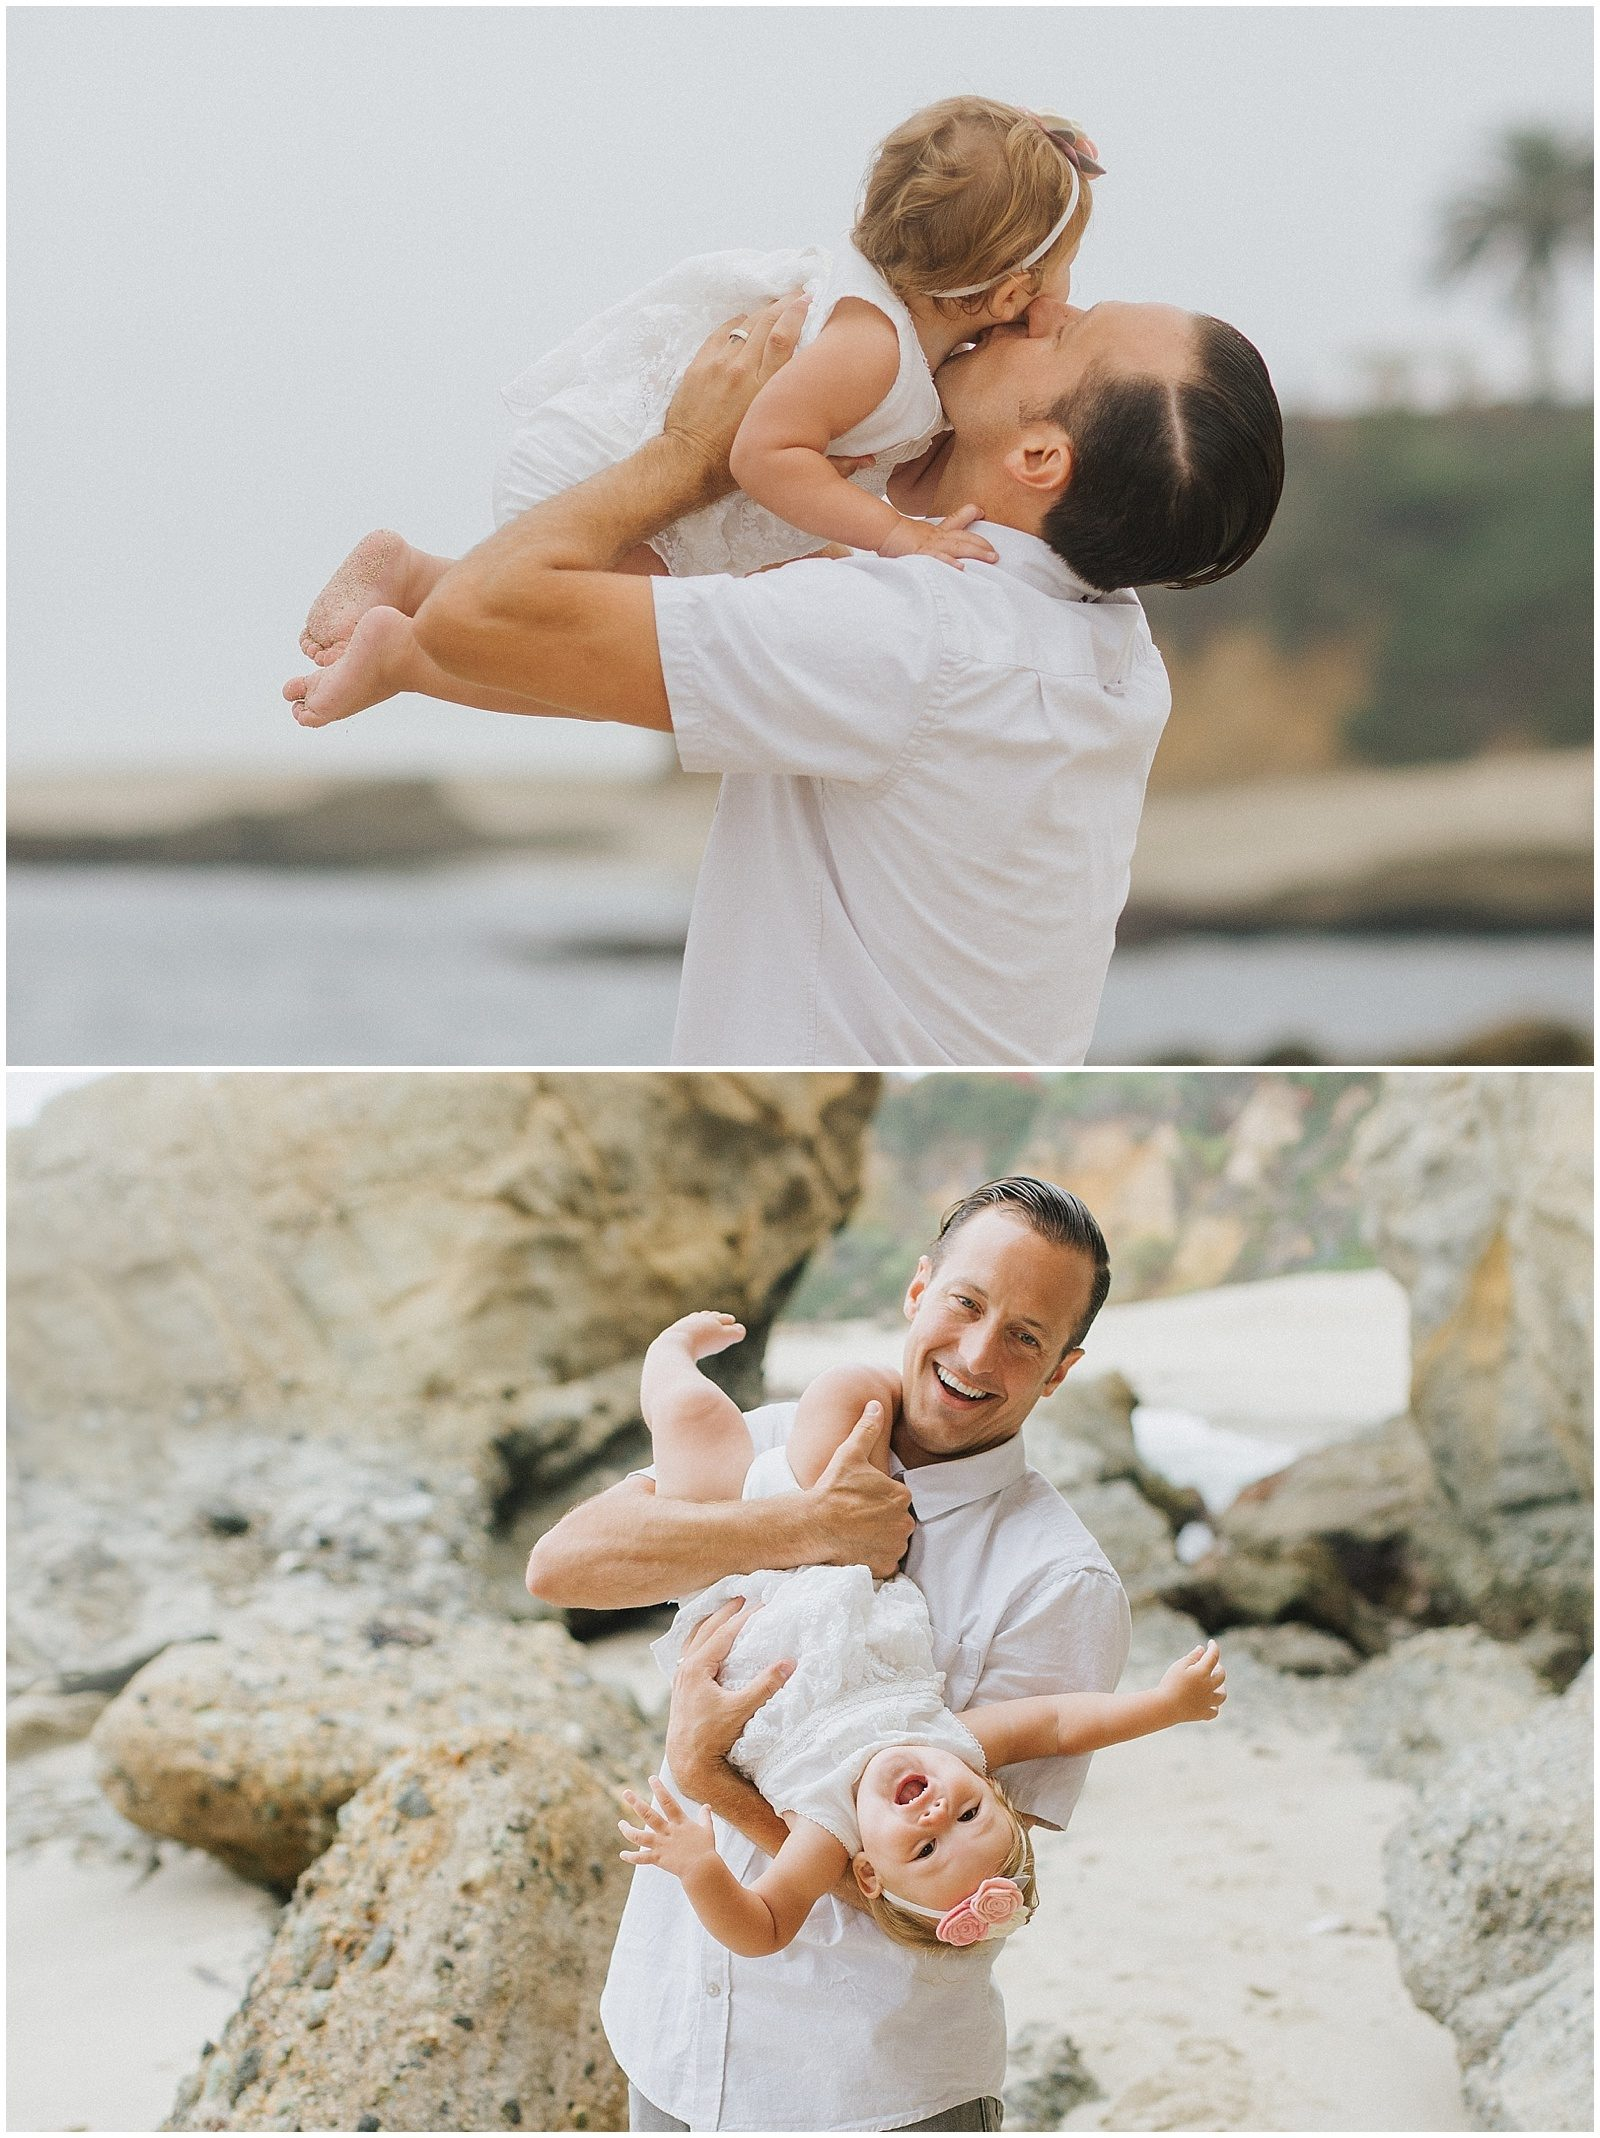 Orange County Family Photographer 0007